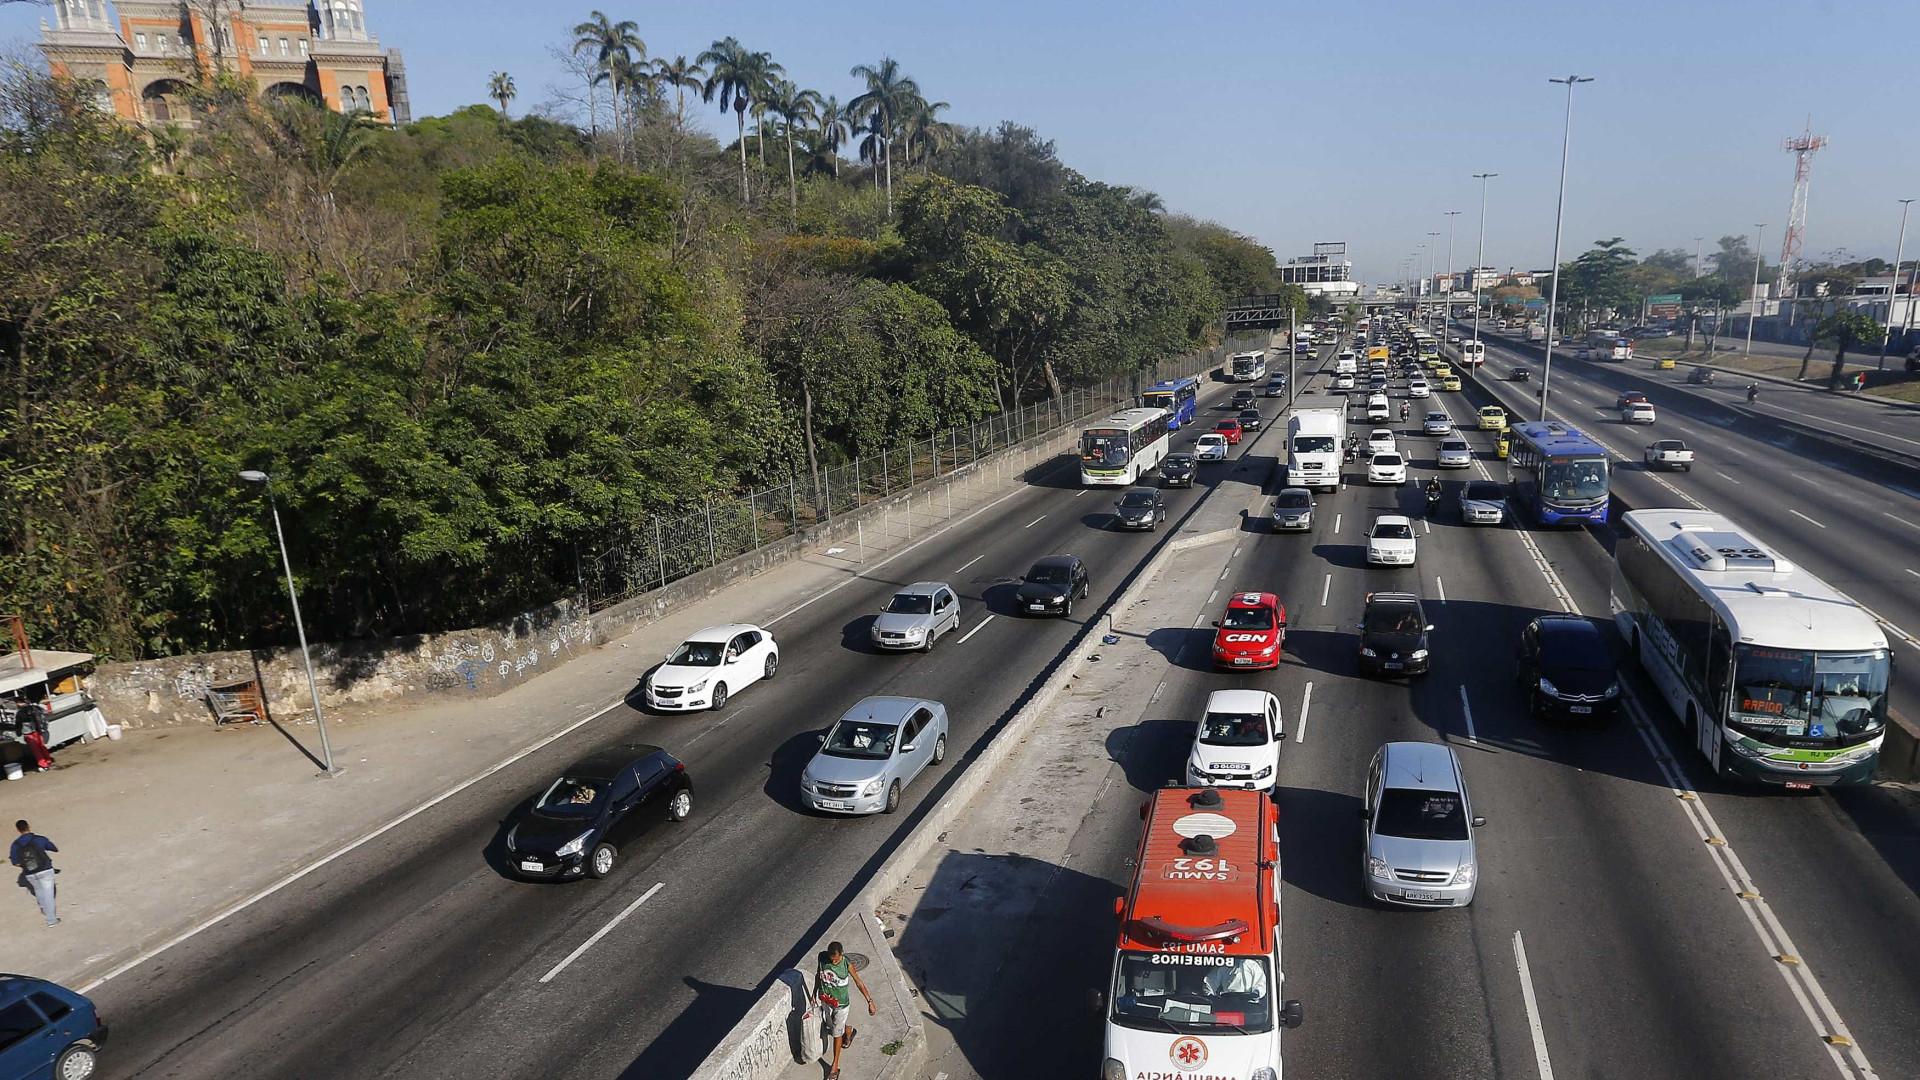 Intenso tiroteio e perseguição assustam motoristas na Avenida Brasil